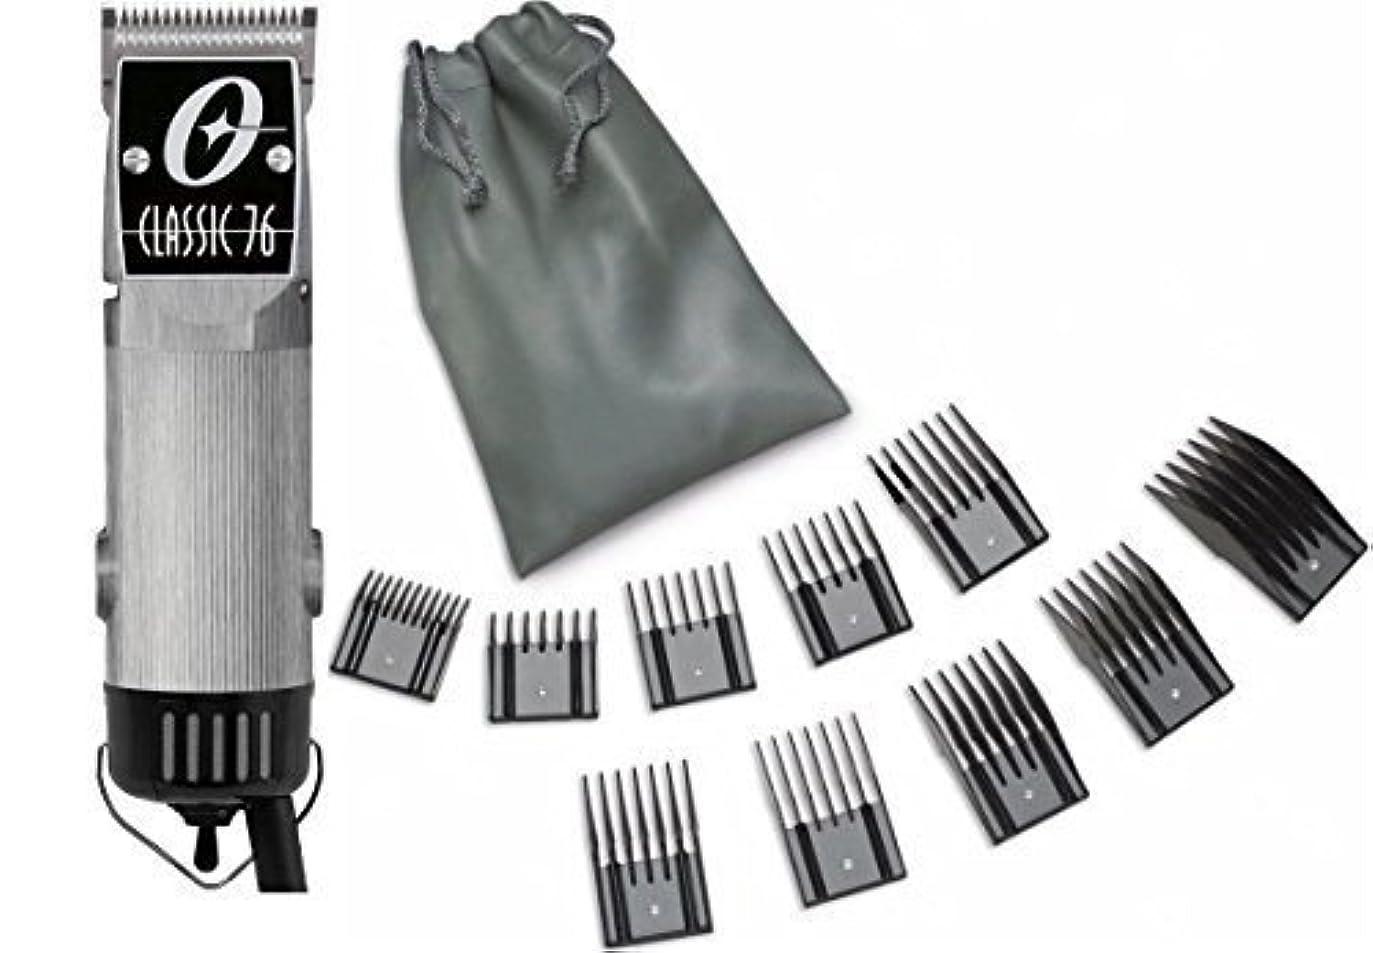 浸透する二チャンピオンシップNew Oster Classic 76 Brushed Aluminum Color Limited Edition Hair Clipper+10 PC Comb Set by Oster